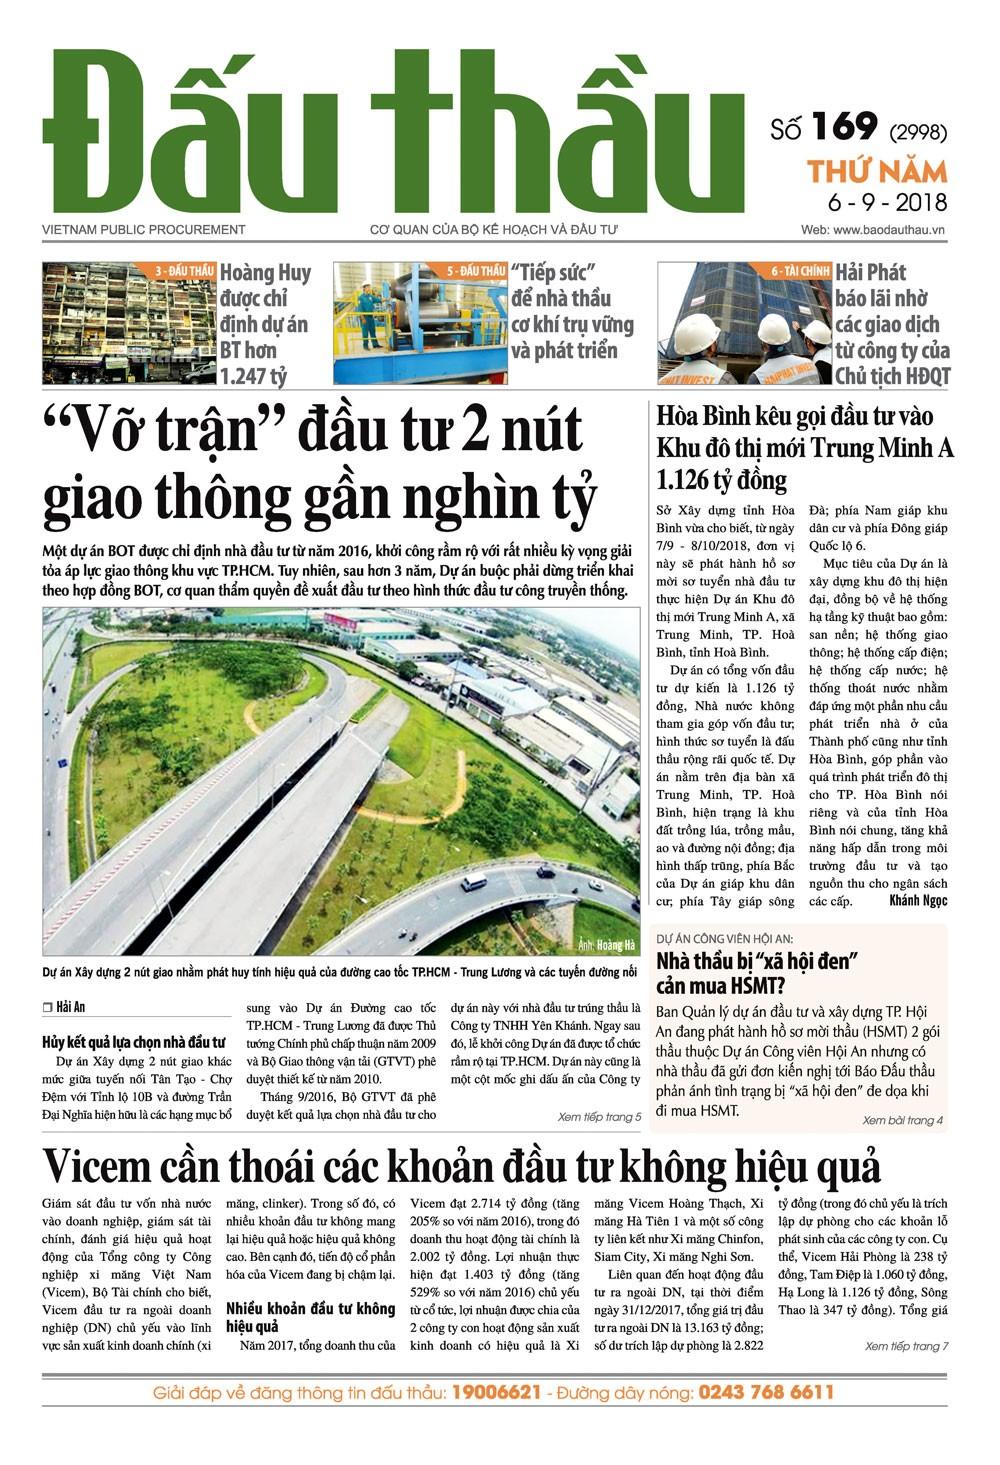 Báo Đấu thầu số 169 ra ngày 6/9/2018